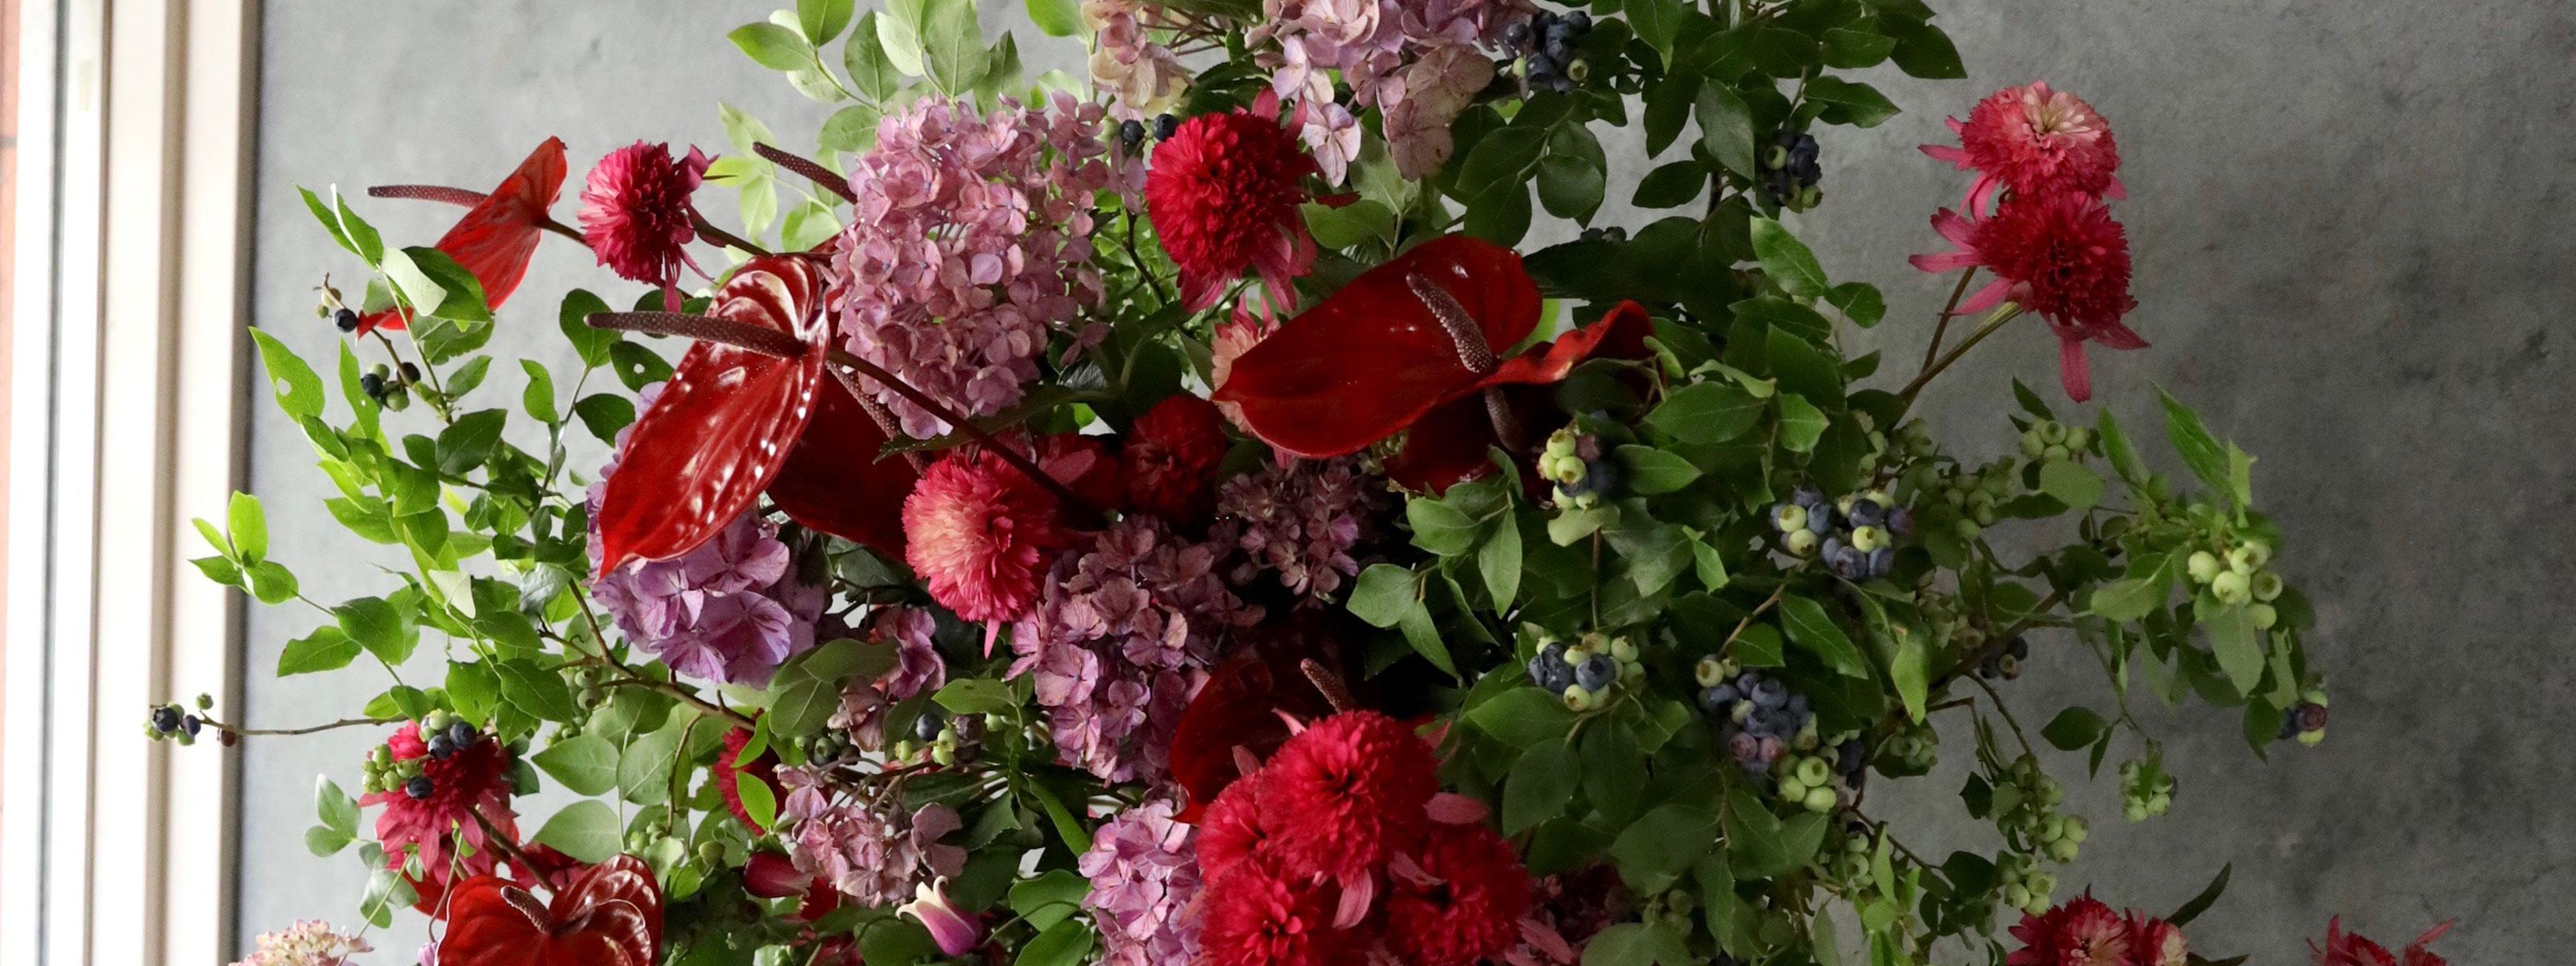 緑紅 ryokko 上質なガラス花器 季節の枝や花の自然な姿をそのままに[投げ入れ]